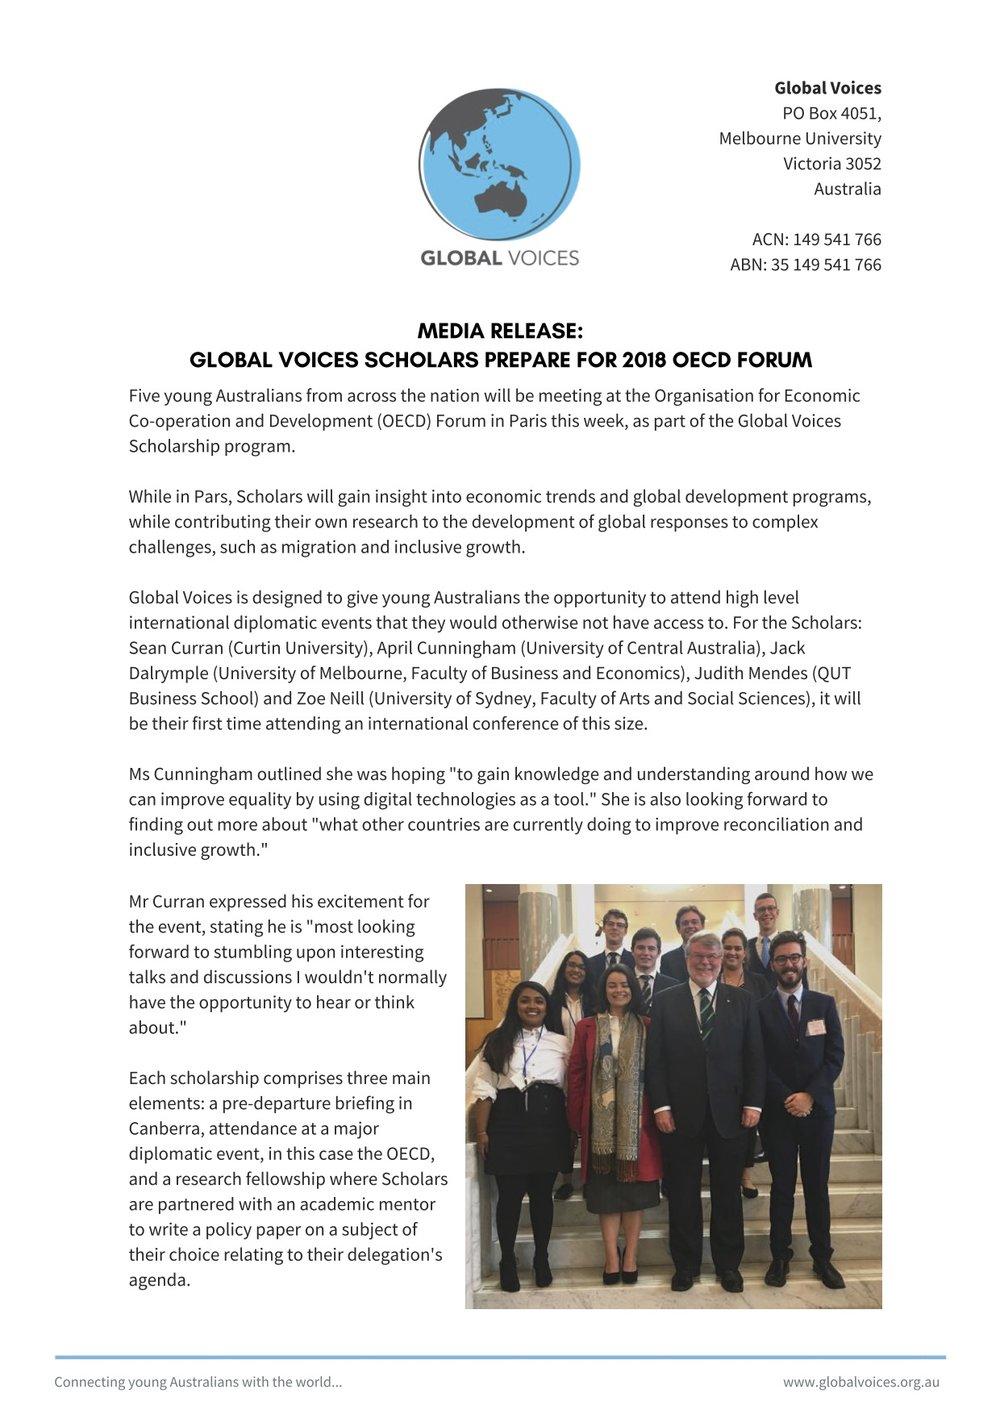 Semester 1, 2018 - OECD Media Release.jpg